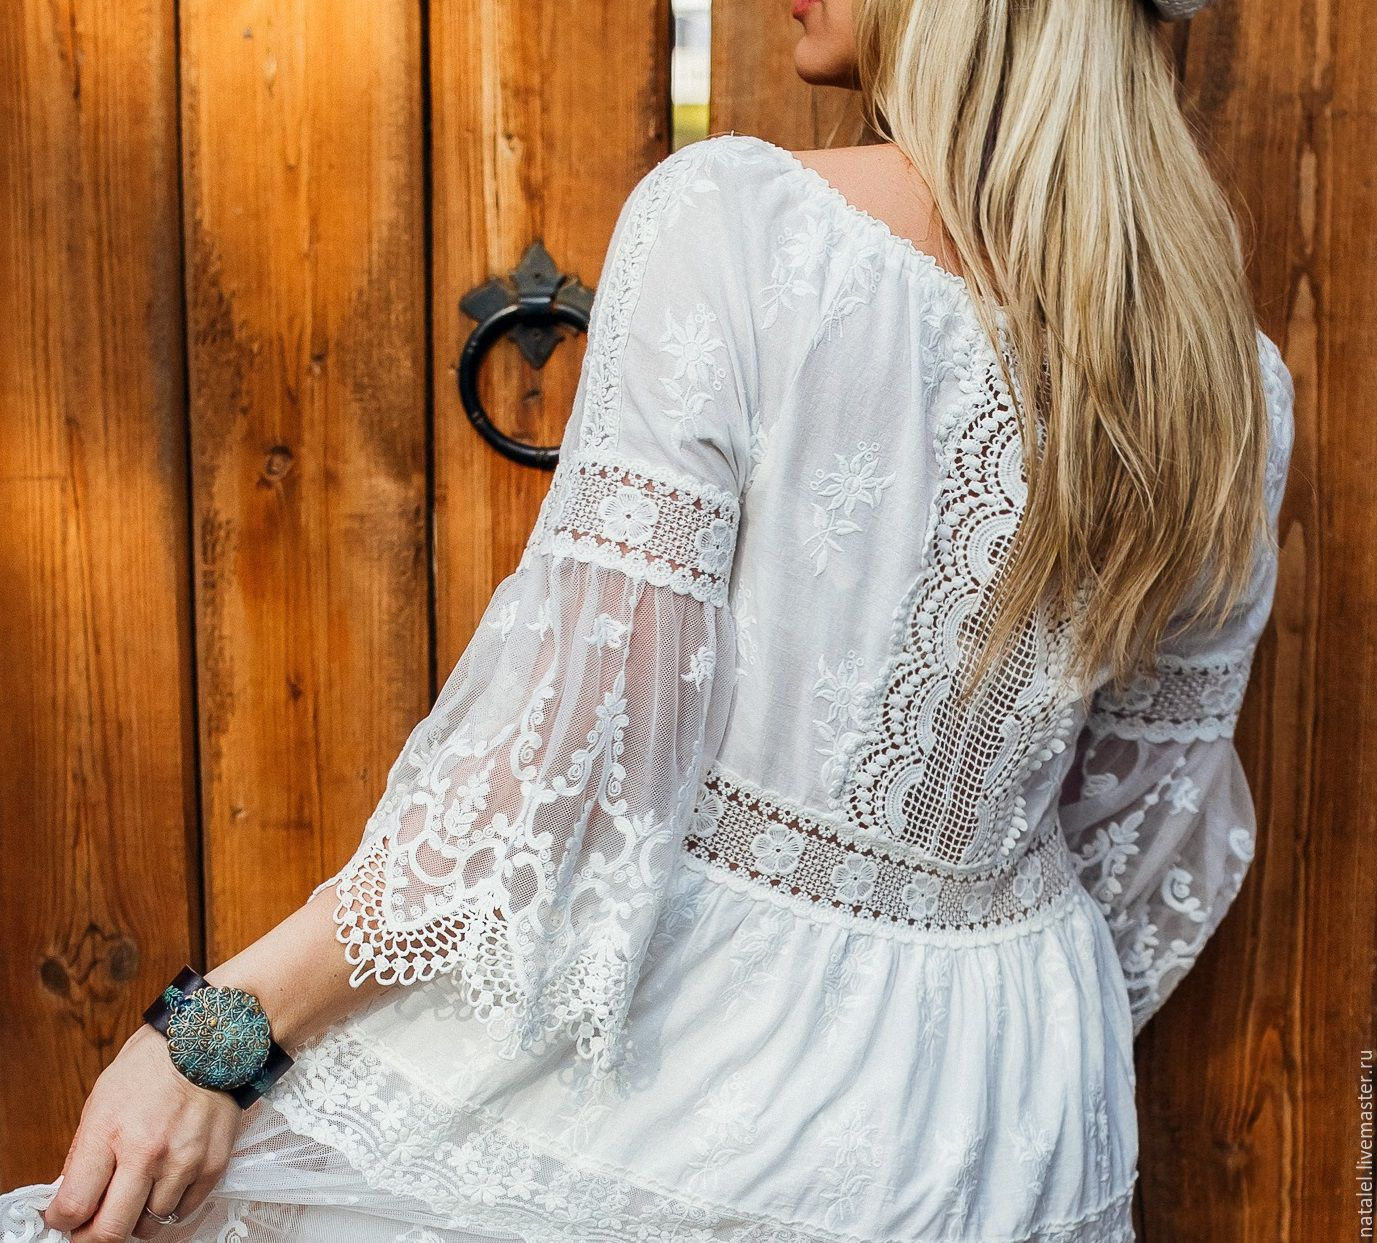 Белое платье из хлопка с кружевами